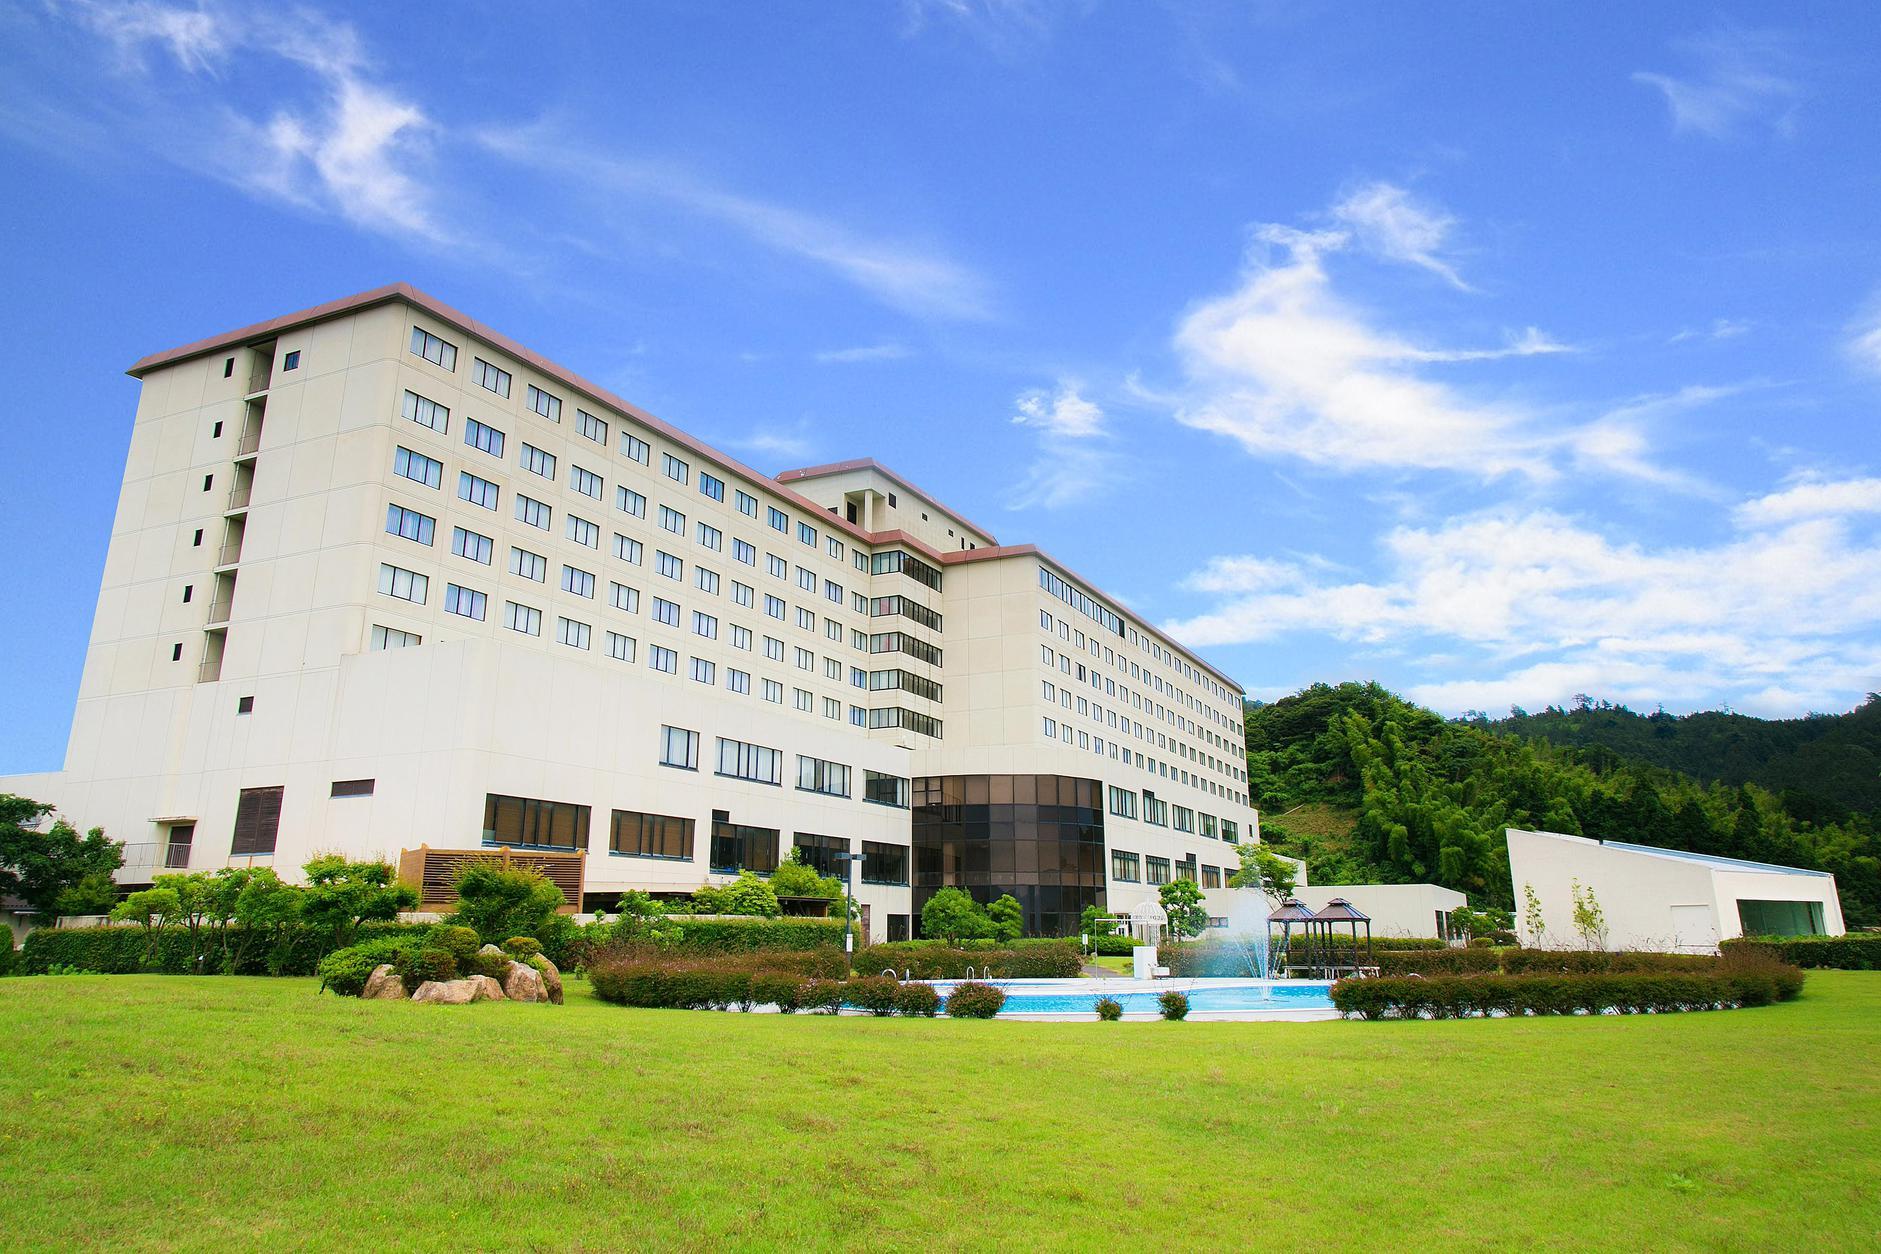 ホテル&リゾーツ 京都 宮津(旧:宮津ロイヤルホテル)写真